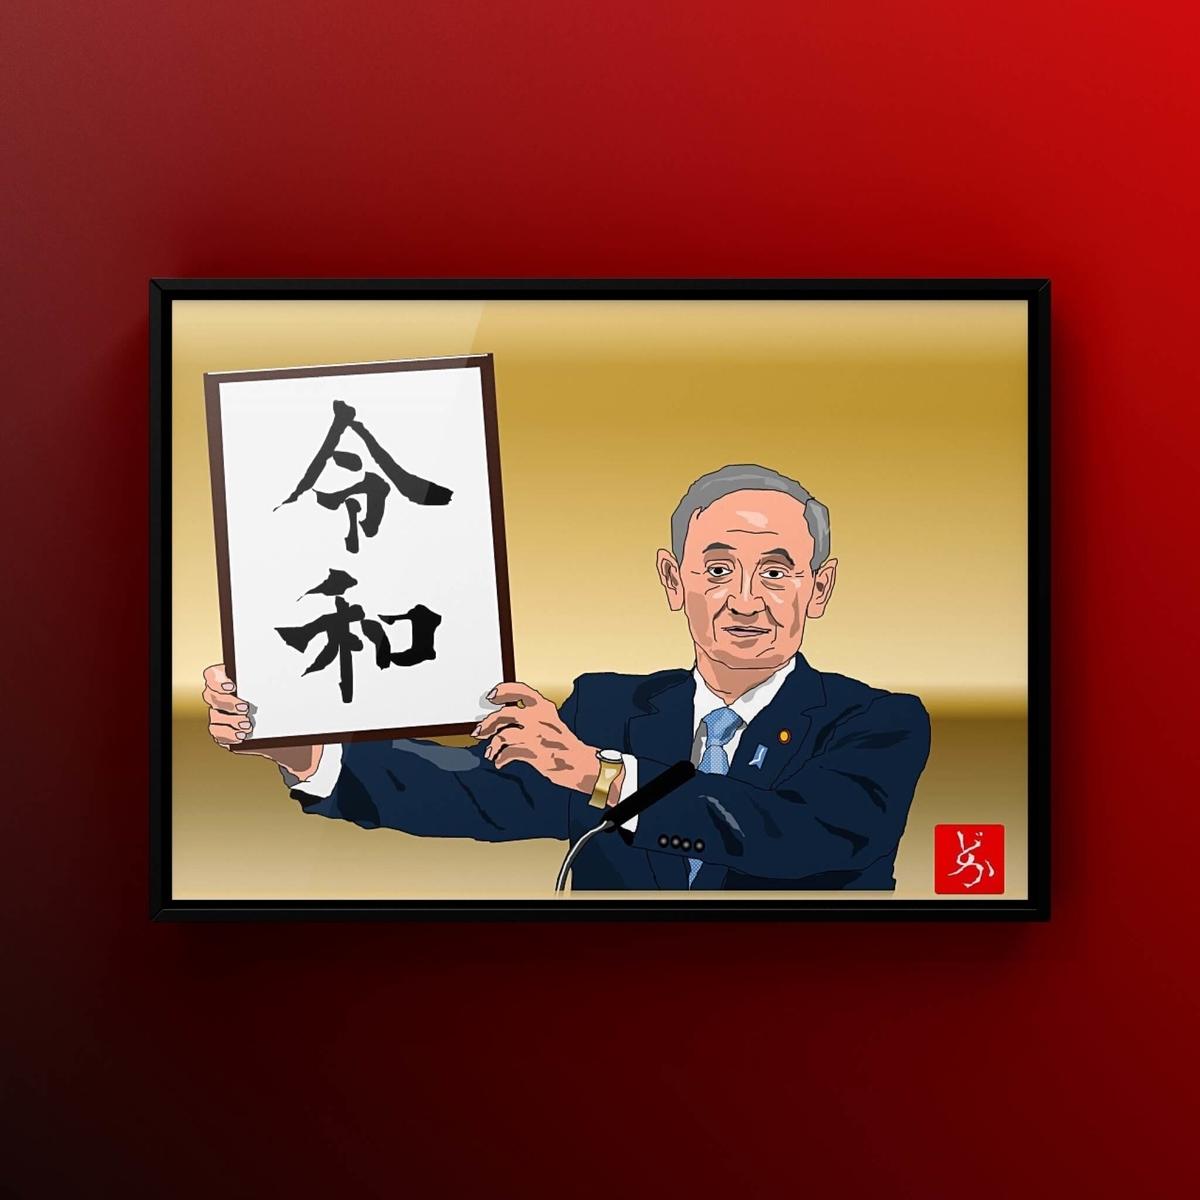 菅官房長官が令和の新元号を発表するエクセル画イラスト額装版